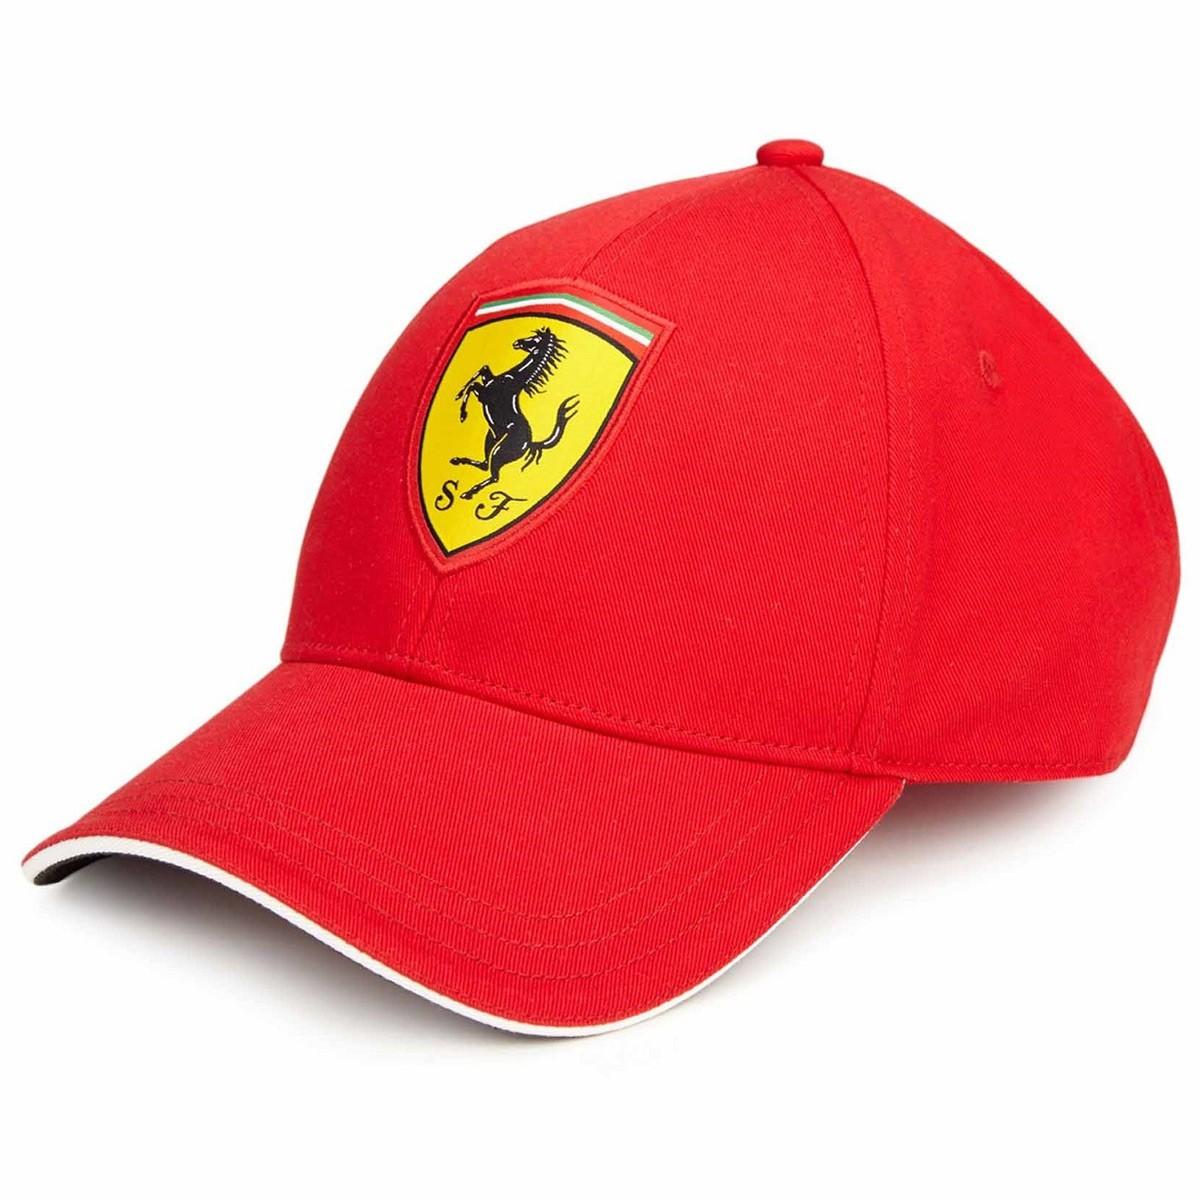 bc1f7837a2c ... Scuderia Ferrari Mens Adjustable Classic Cap.   Back. 130161094